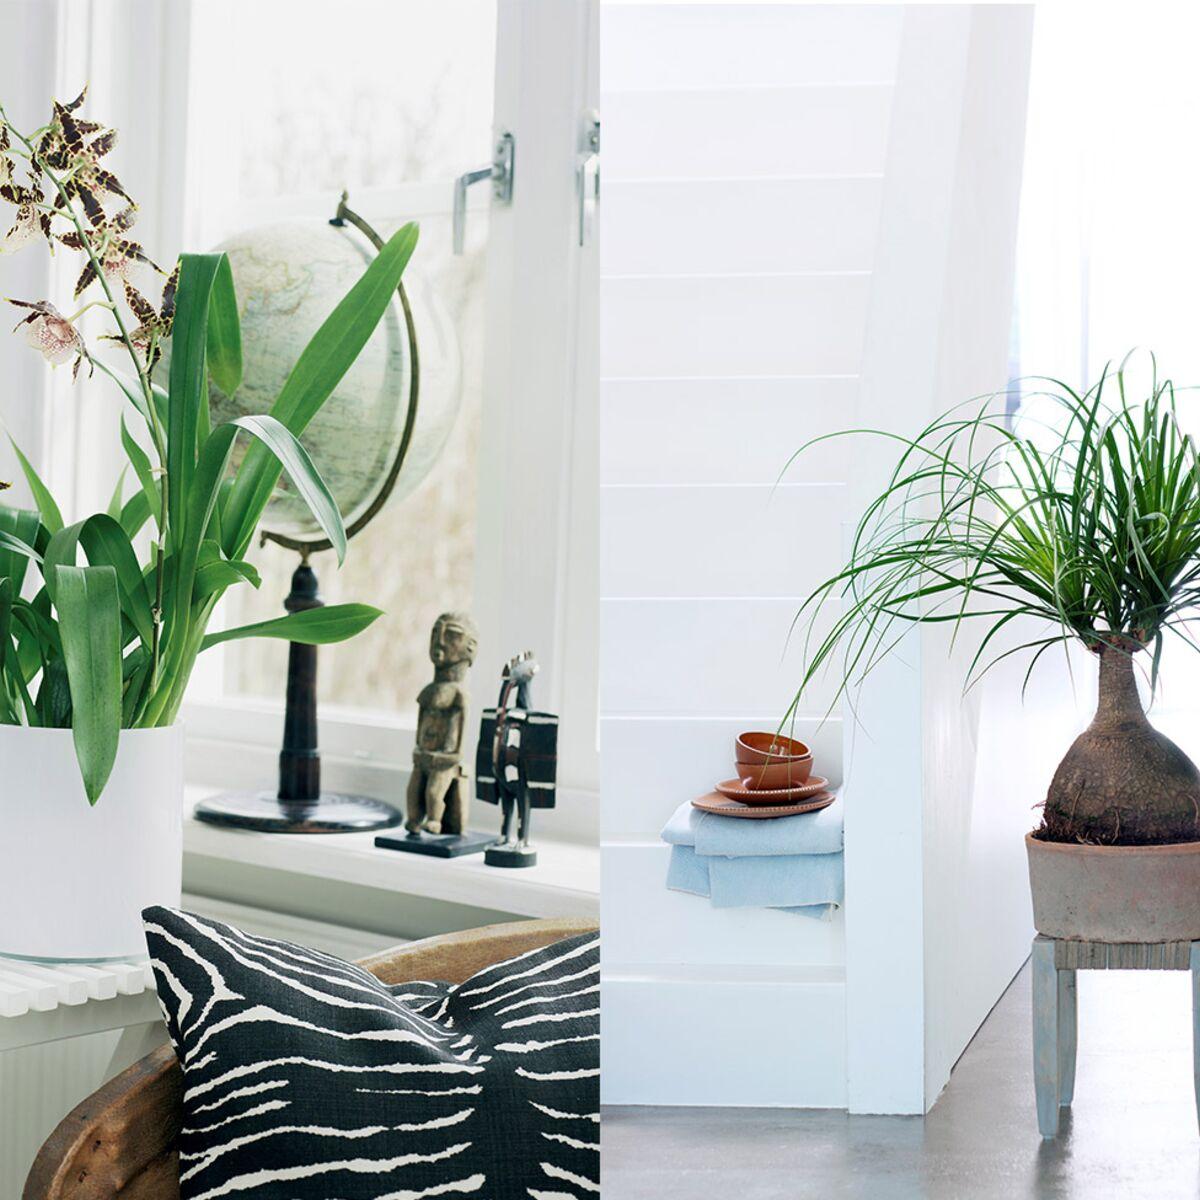 comment bien choisir ses plantes d